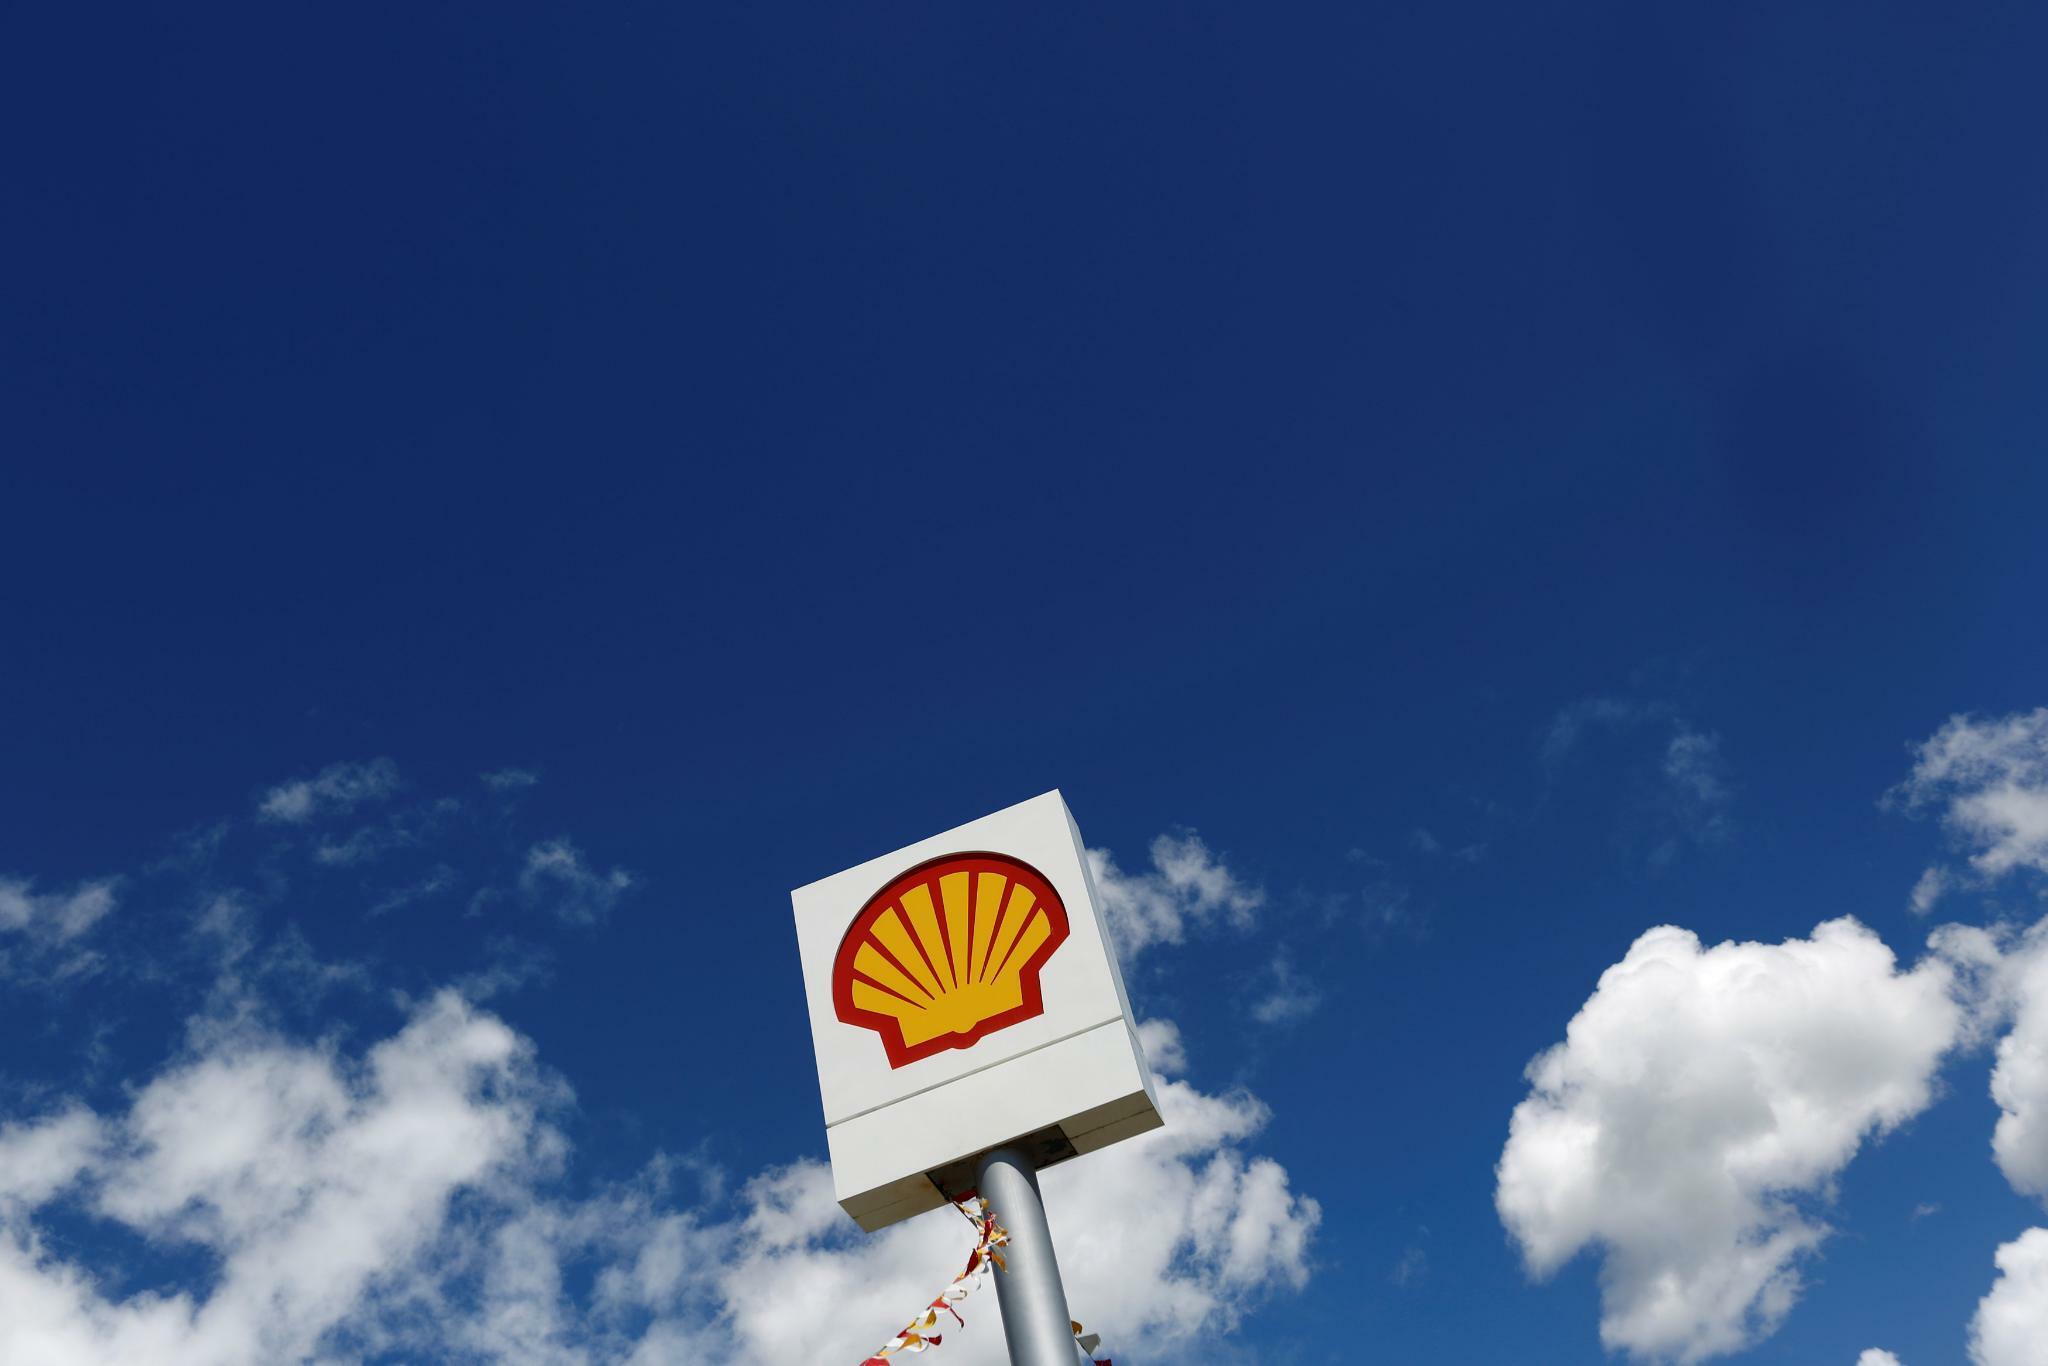 Shell rechnet mit Abschreibung in Milliardenhöhe zum Jahresende